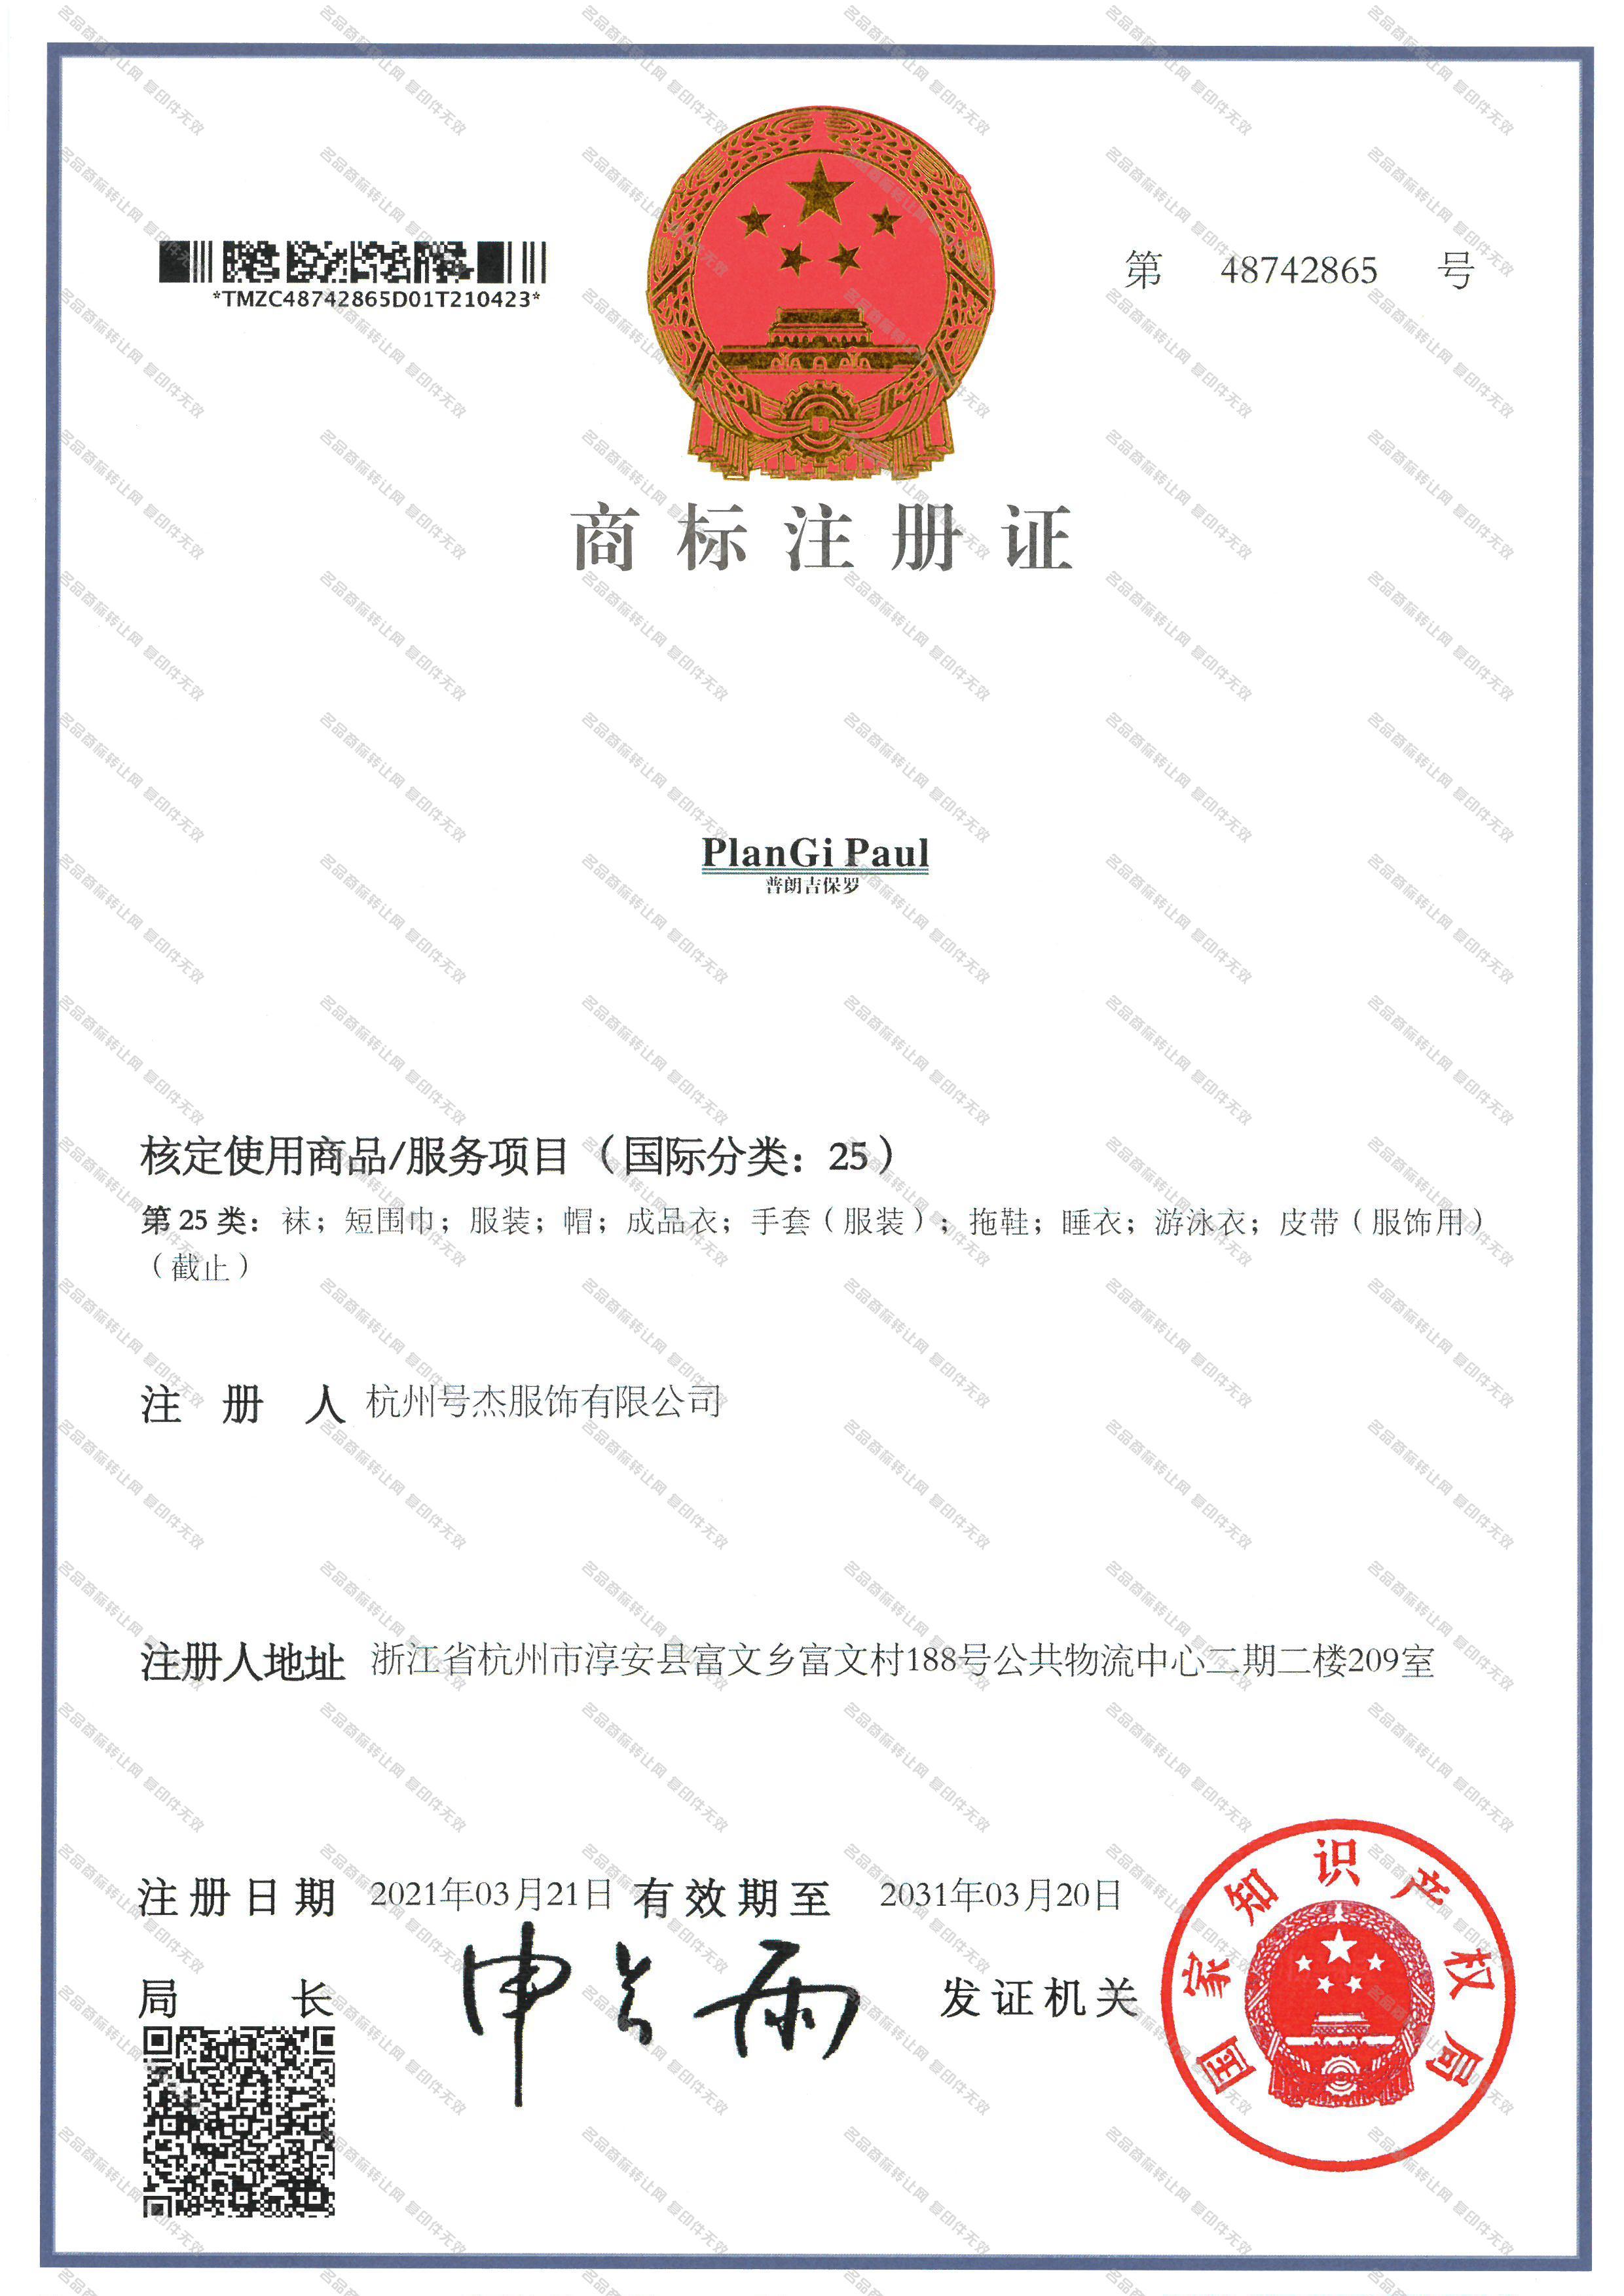 普朗吉保罗 PLANGI PAUL注册证